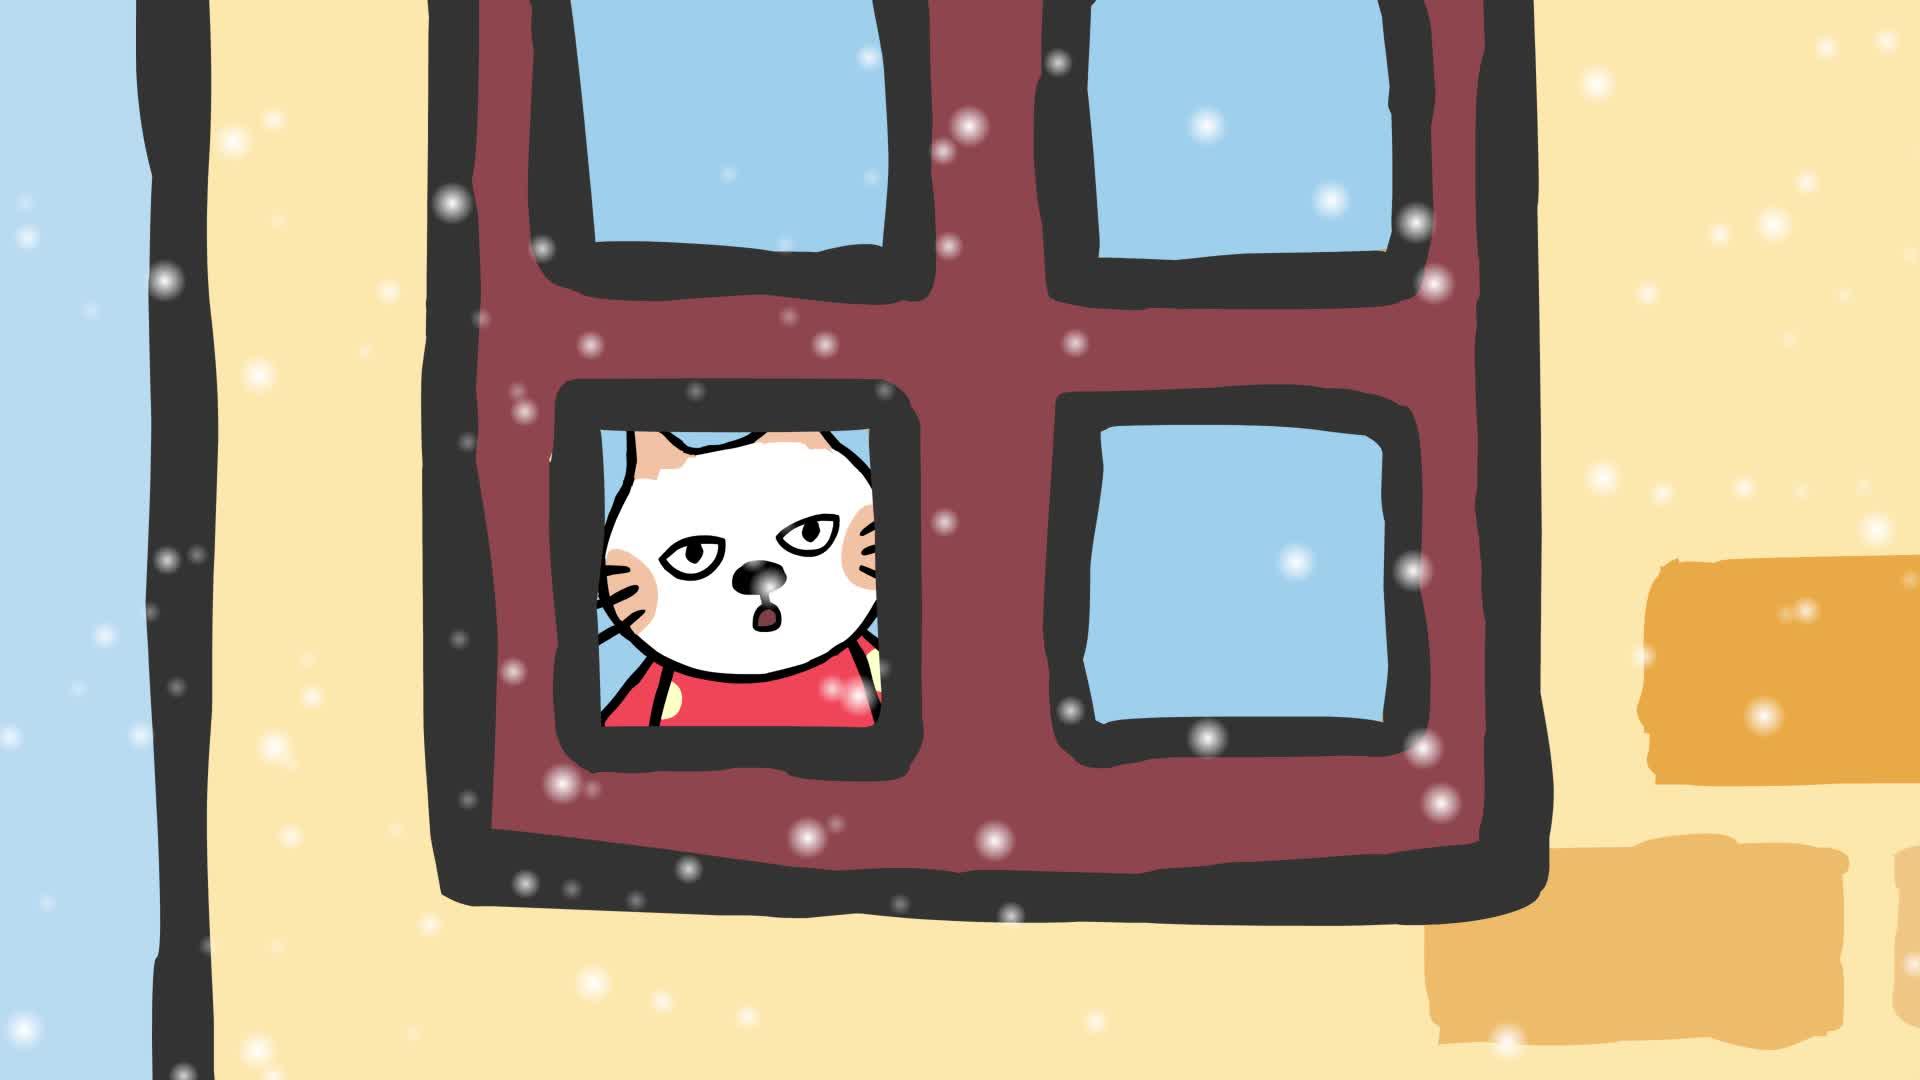 《小猫汤米》第一季 26瑞雪兆丰年